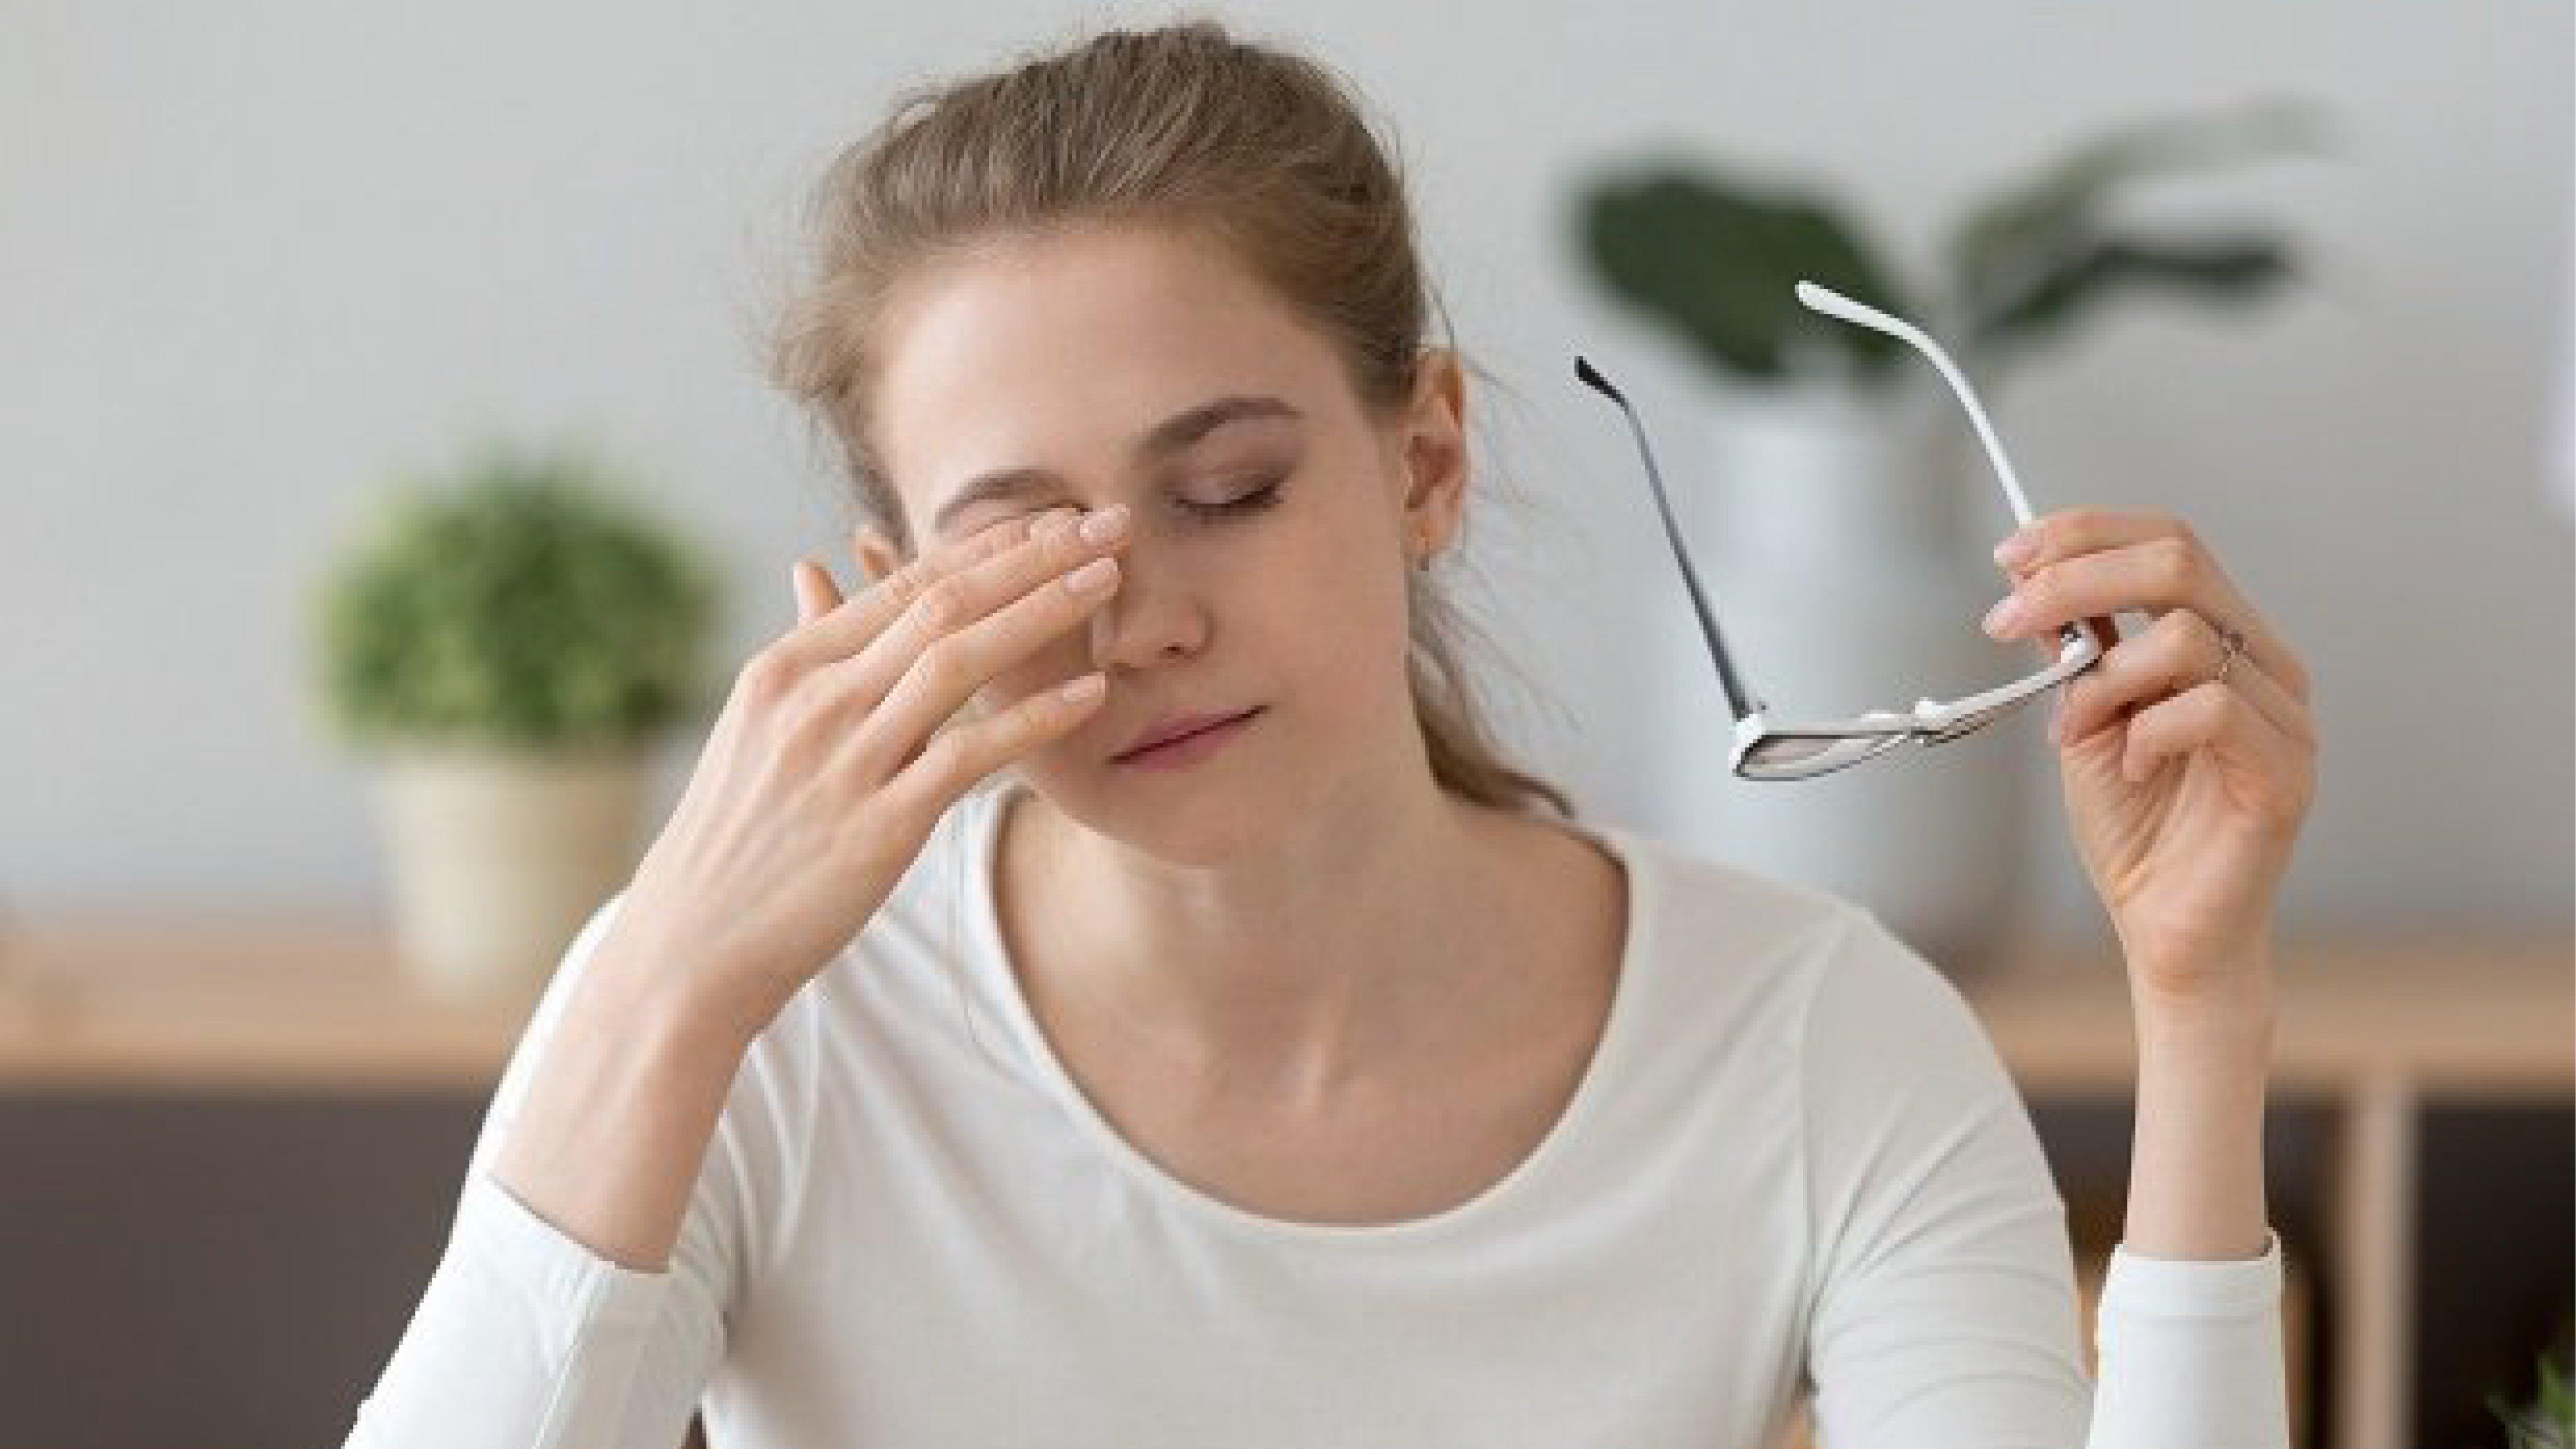 eDoctor - Áp dụng quy tắc 20-20-20 để giảm mỏi mắt khi nhìn màn hình máy tính nhiều